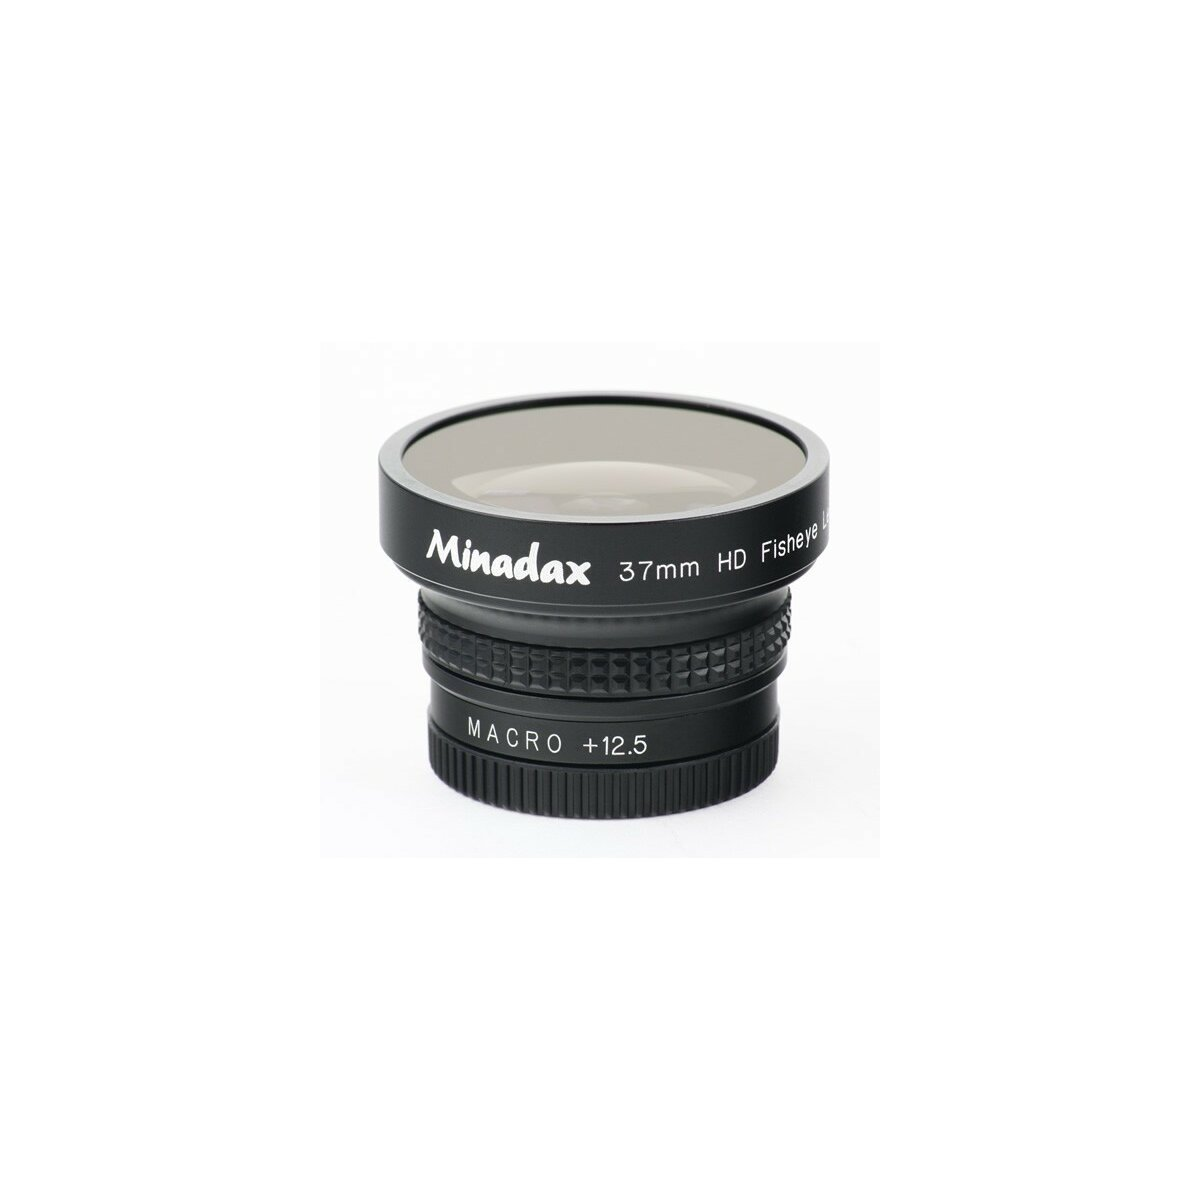 0.42x Minadax Fisheye Vorsatz kompatibel für Sony DCR-HC40, DCR-HC42, DCR-HC44, DCR-HC46, DCR-PC106, DCR-PC107, DCR-PC109, DCR-DVD91, DCR-DVD101, DCR-DVD105, DCR-DVD201, DCR-DVD205